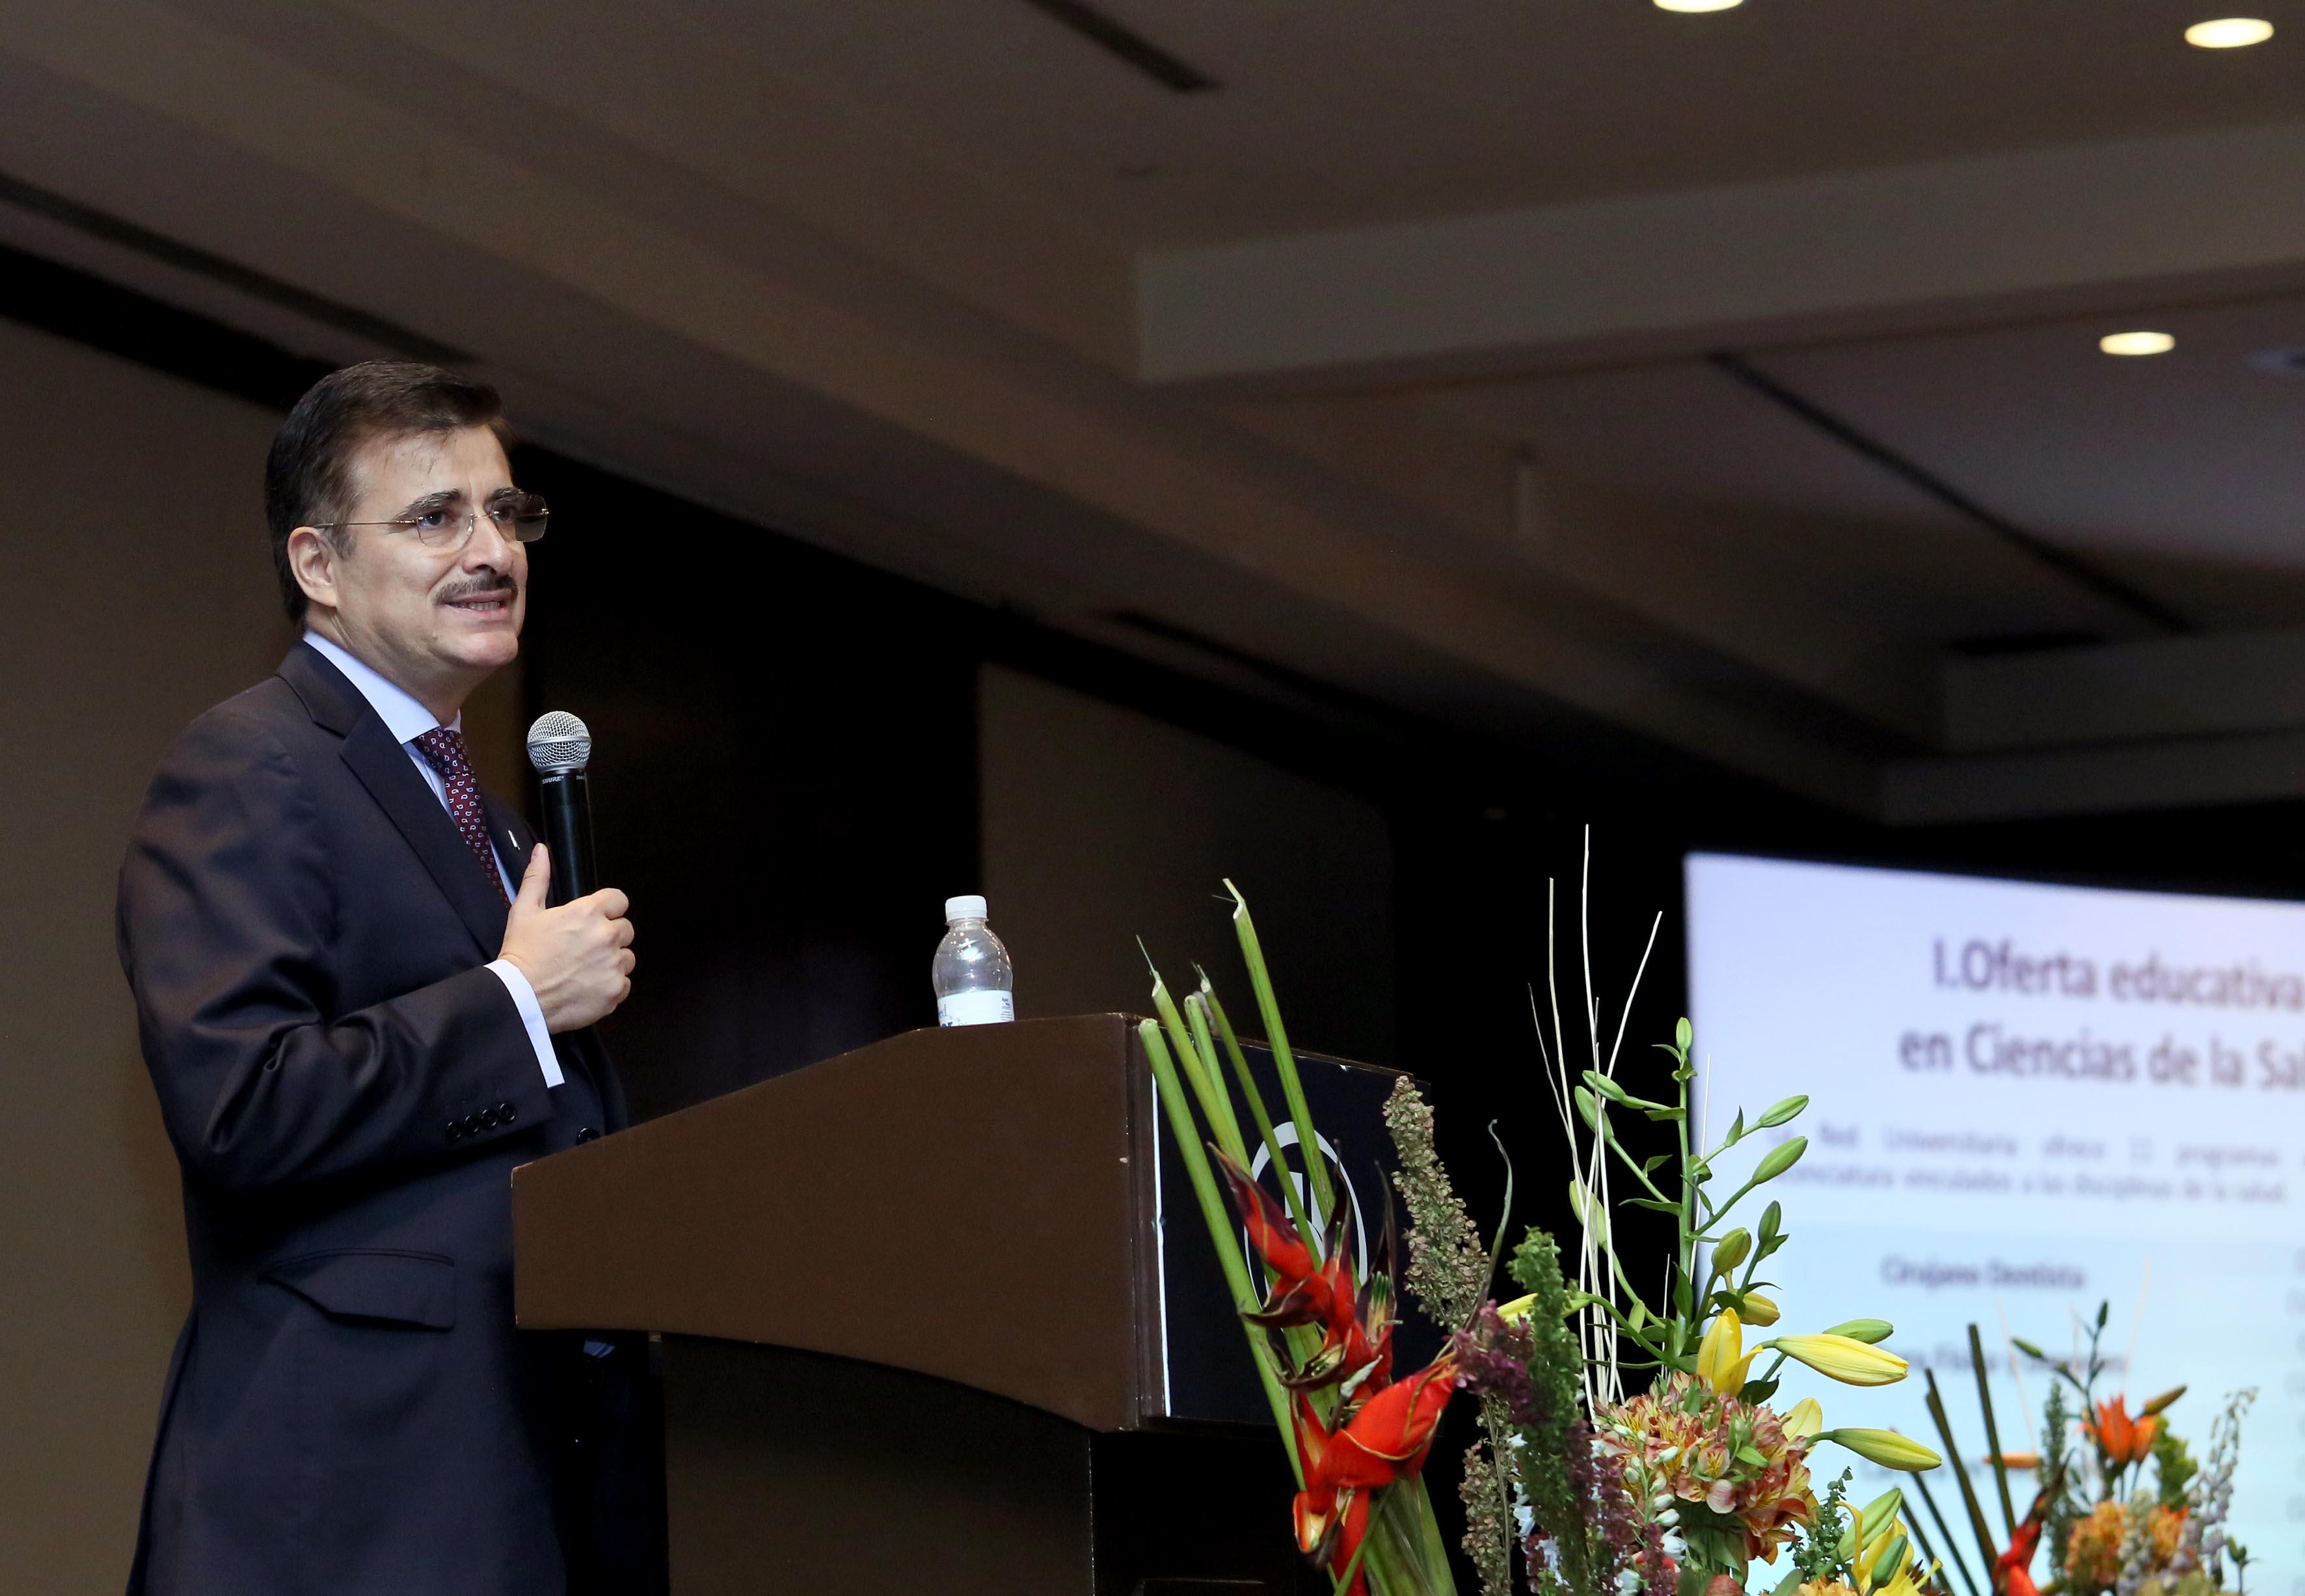 Rector general de la universidad de Guadalajara haciendo uso de la palabra